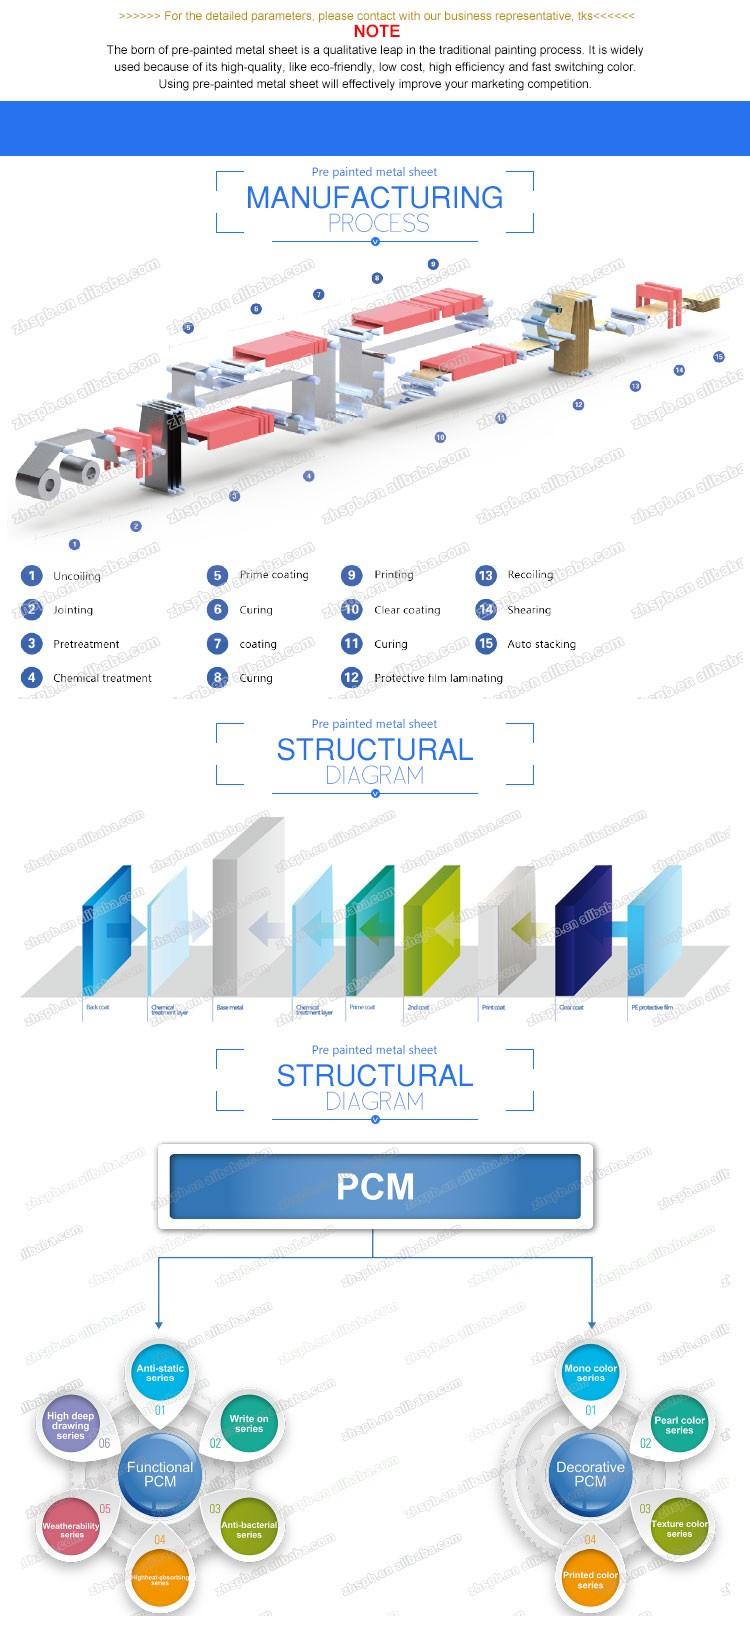 냉장고 Vcm 스틸 금속 시트 - Buy Product on Alibaba.com